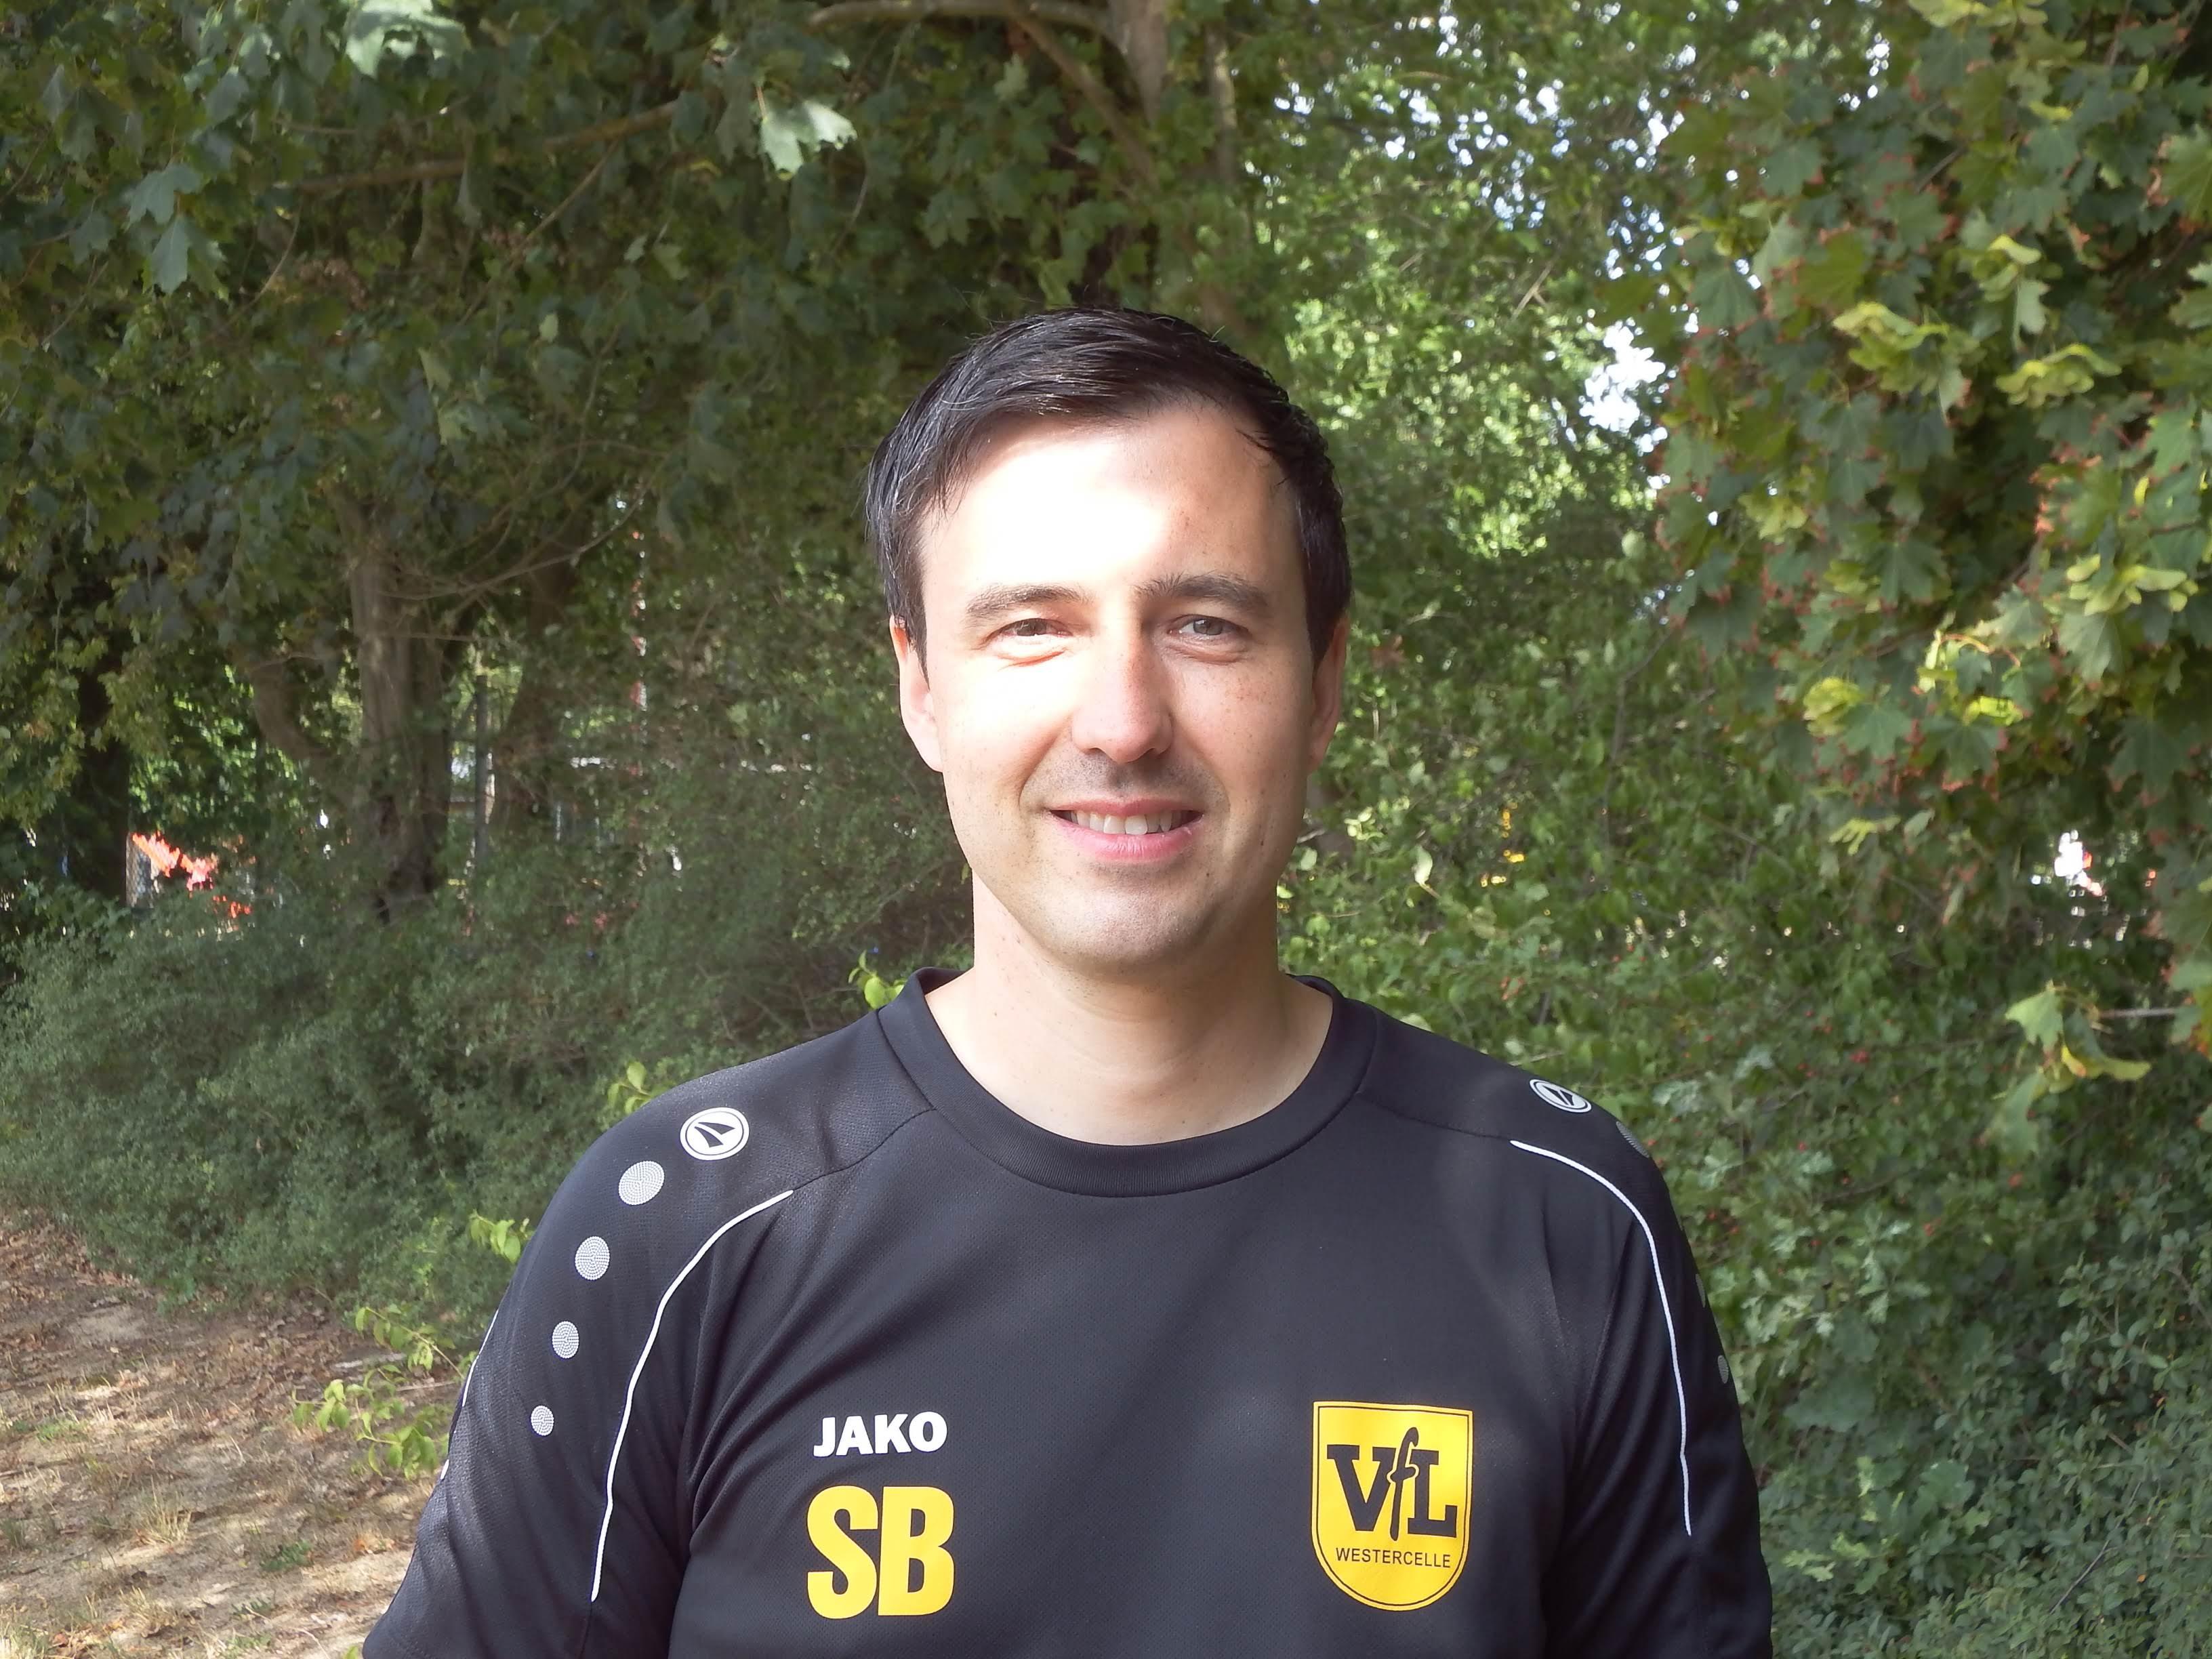 Sebastian Brammer